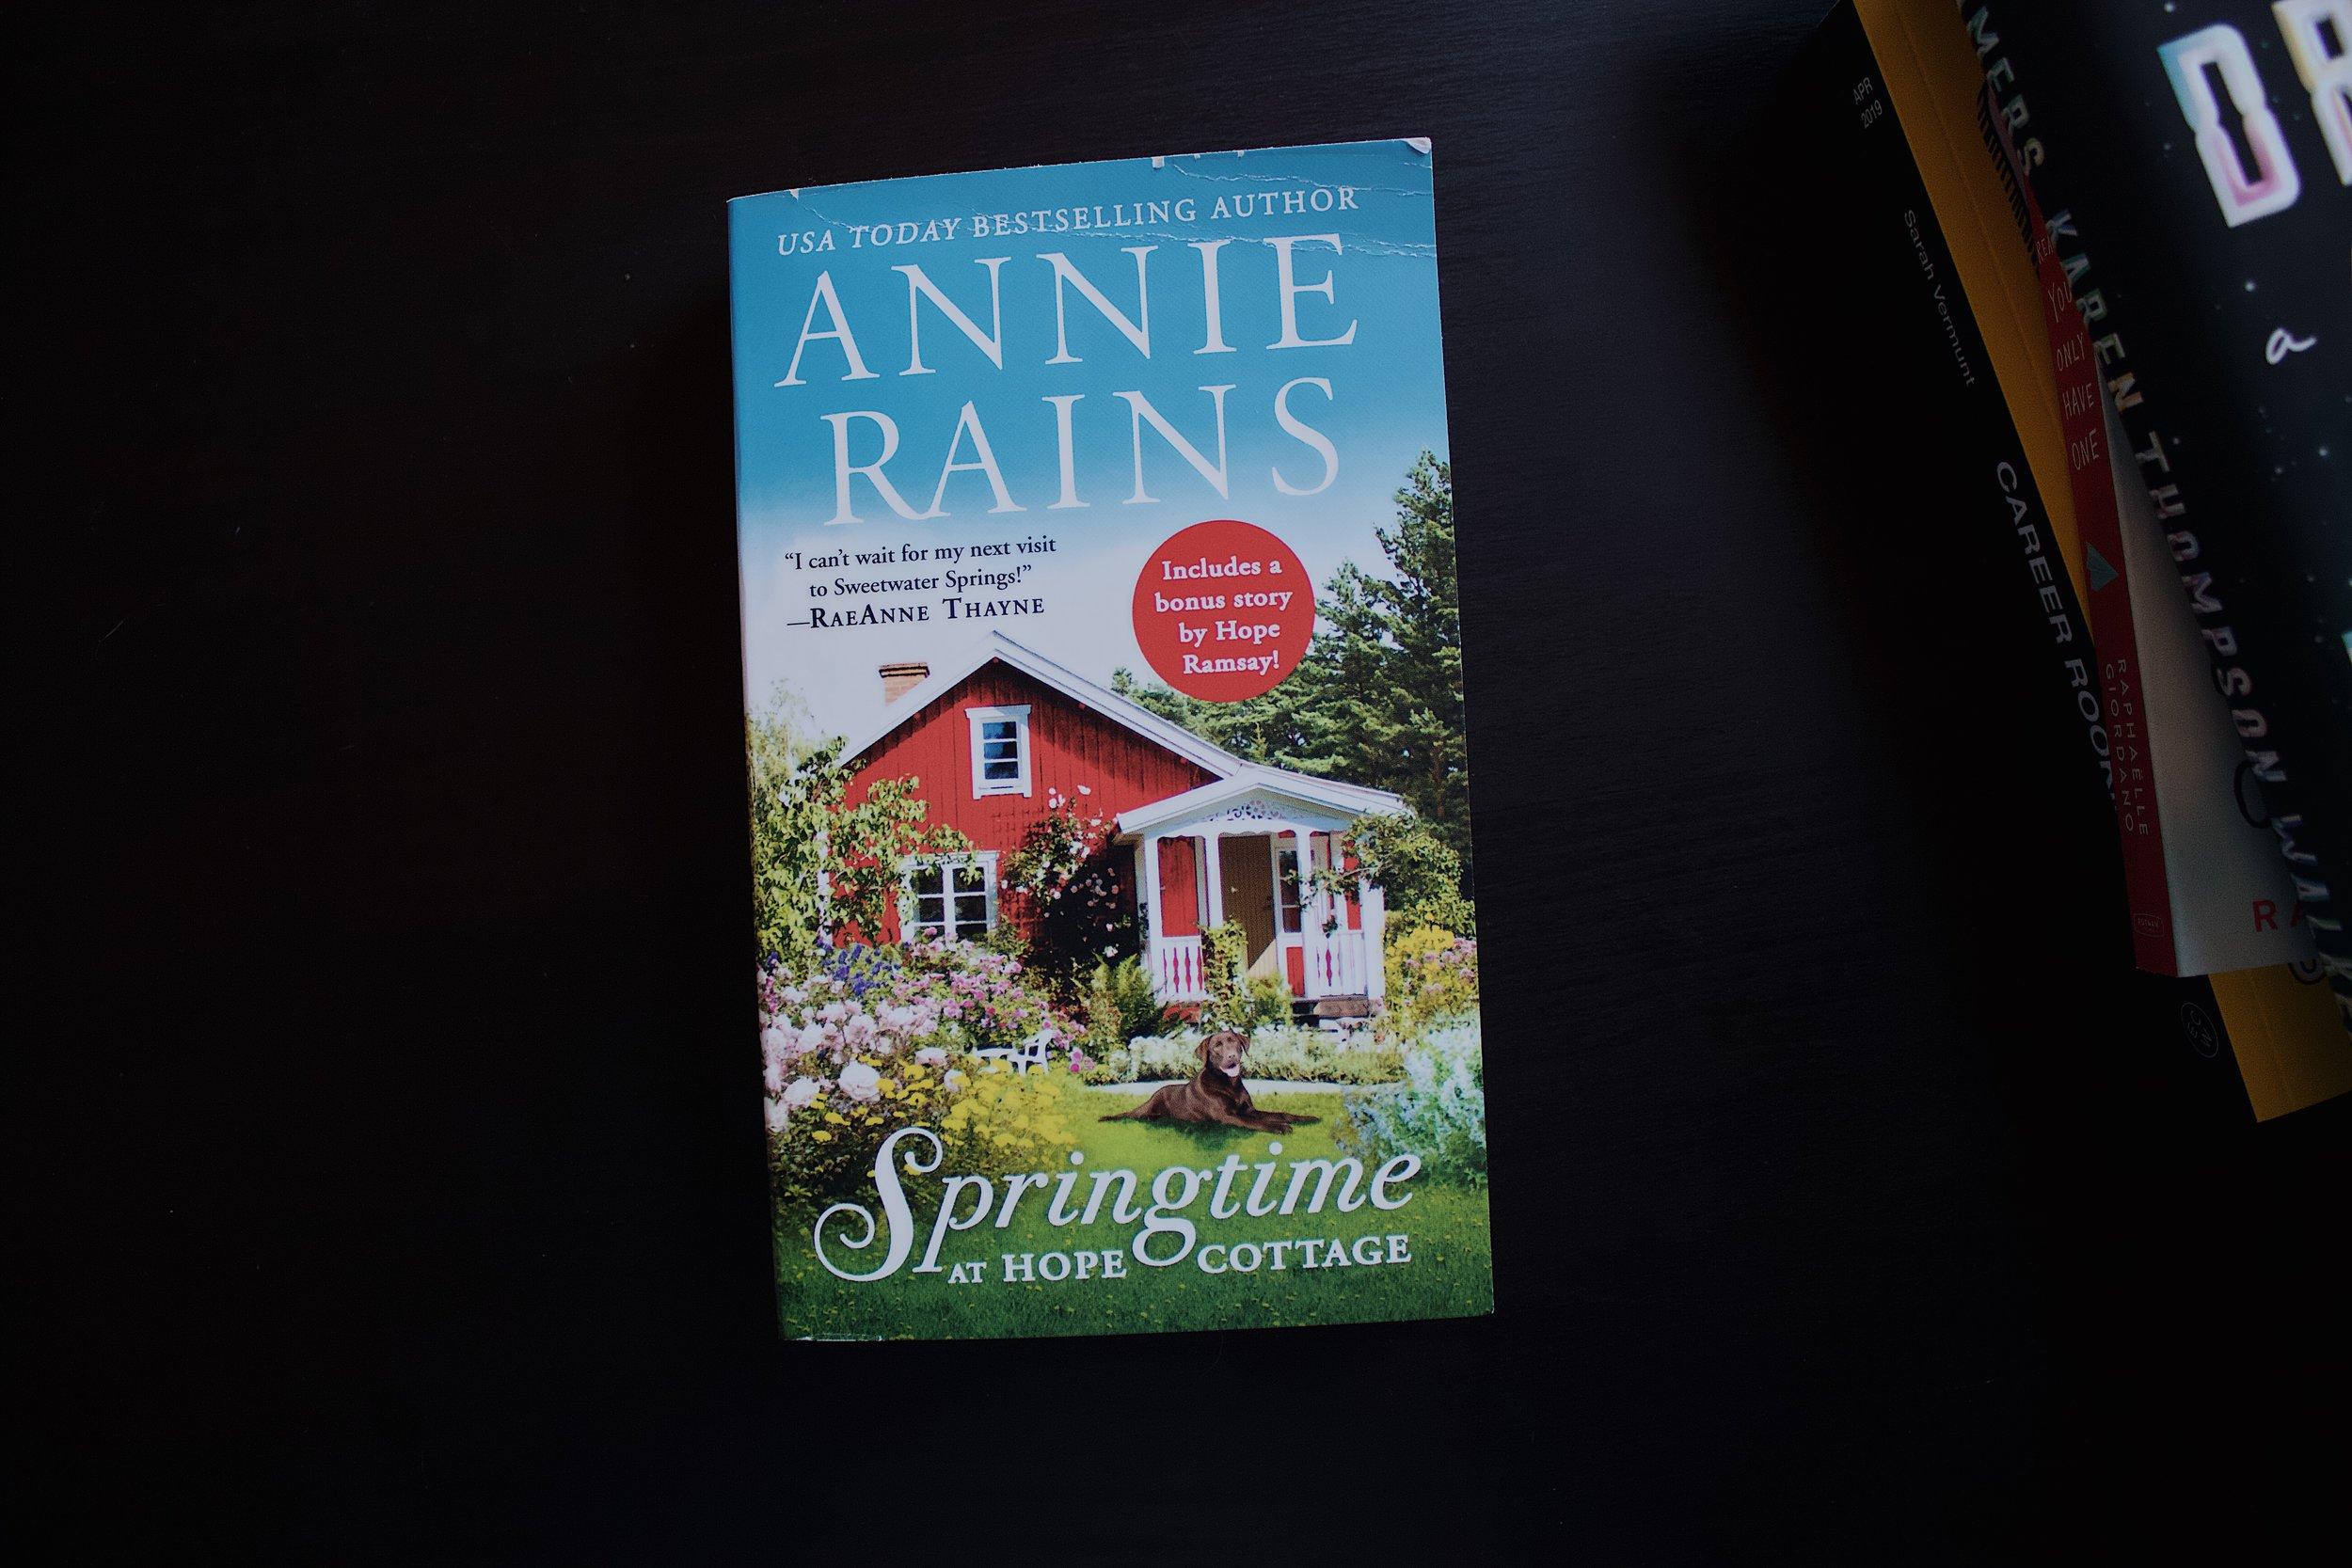 springtime at hope cottage